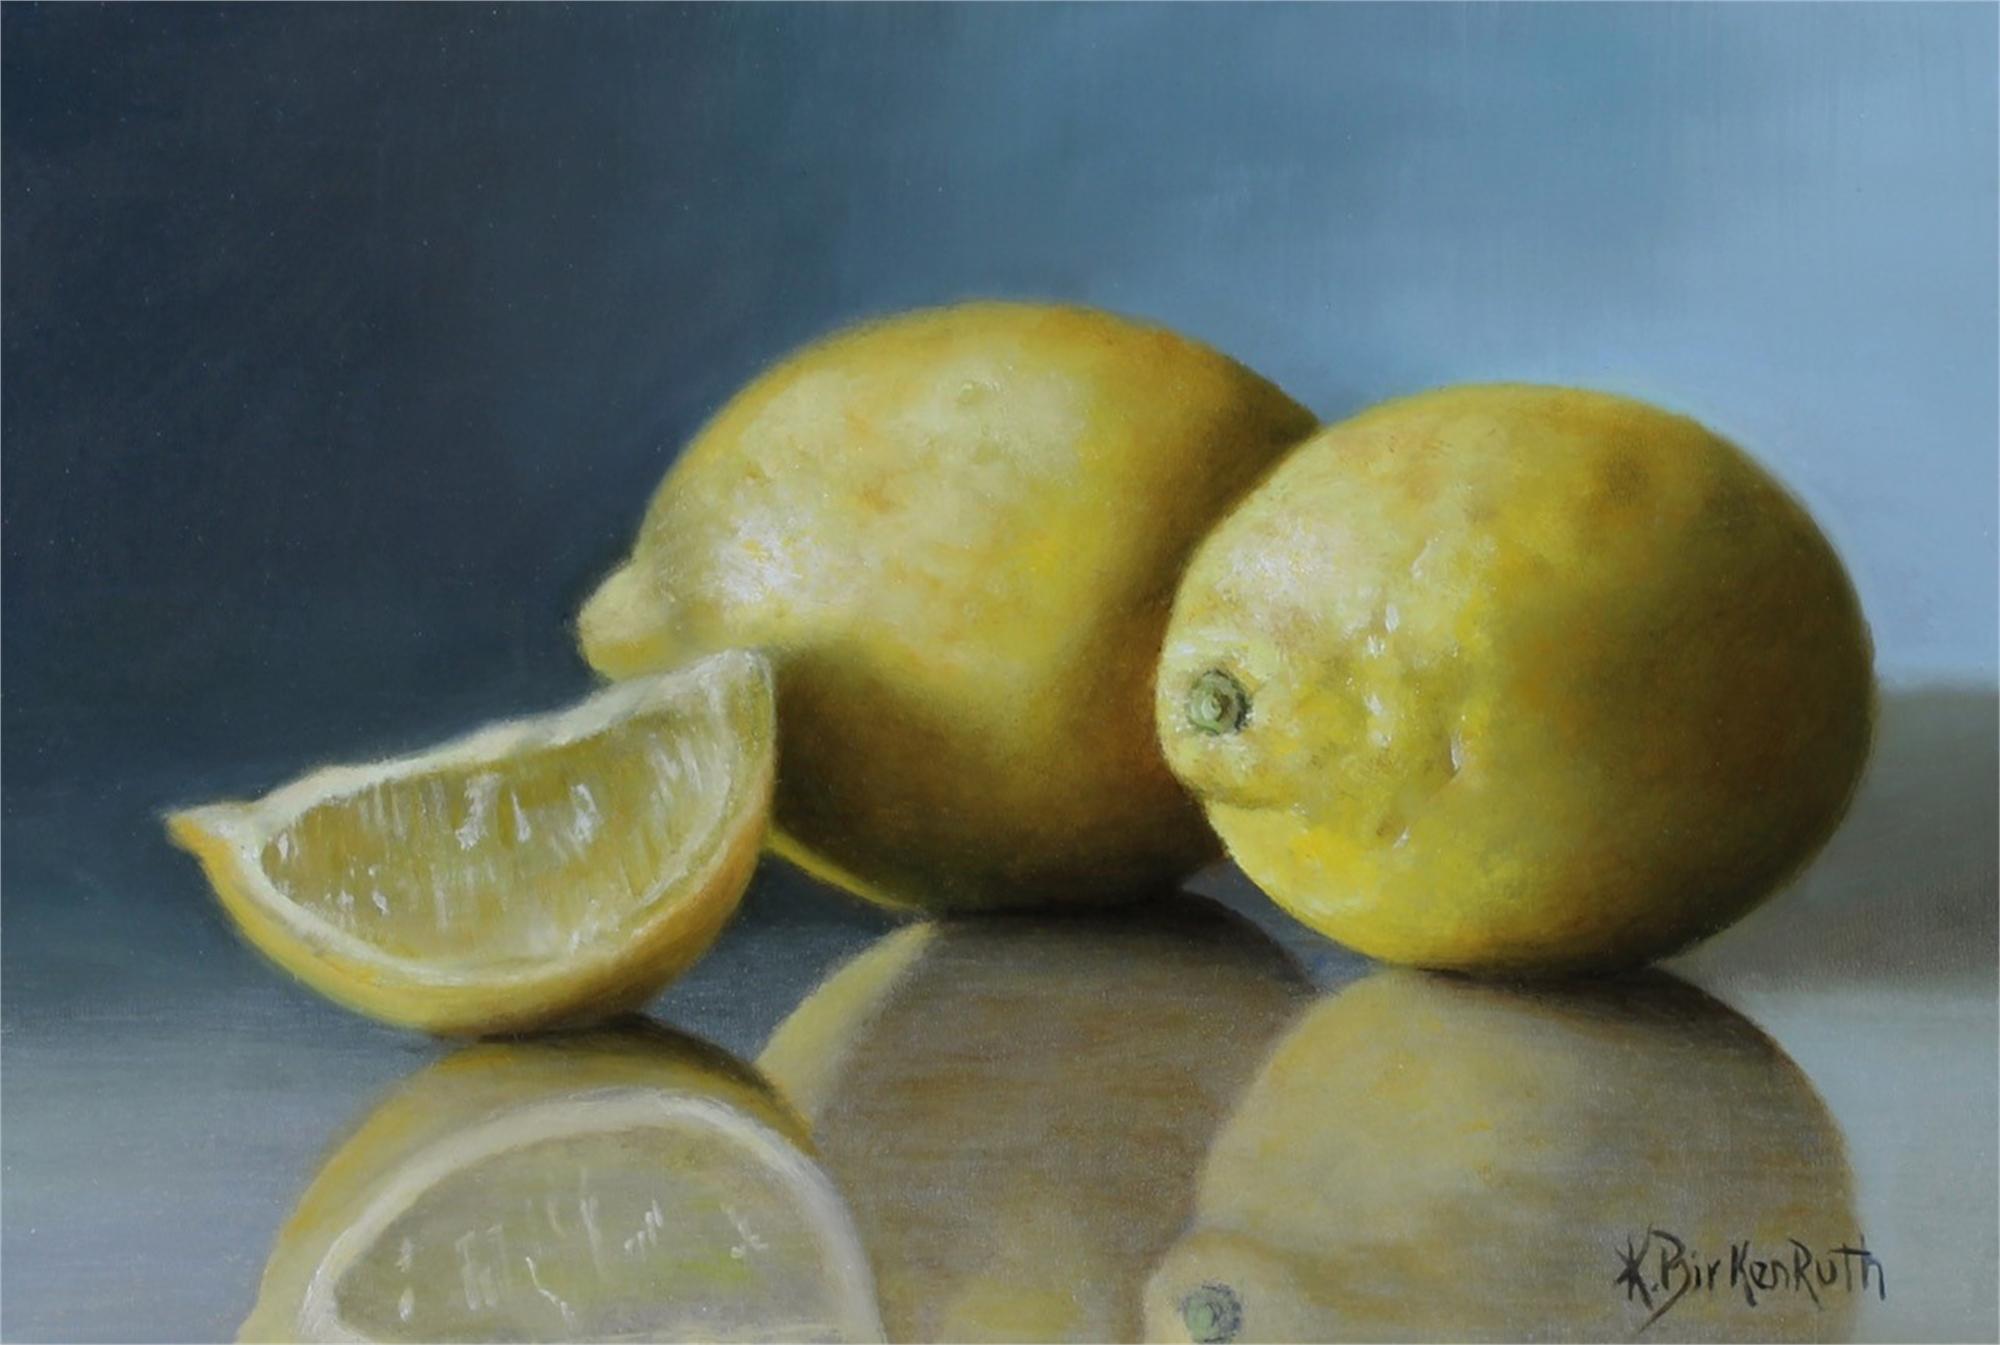 Cut Lemons by Kelly Birkenruth